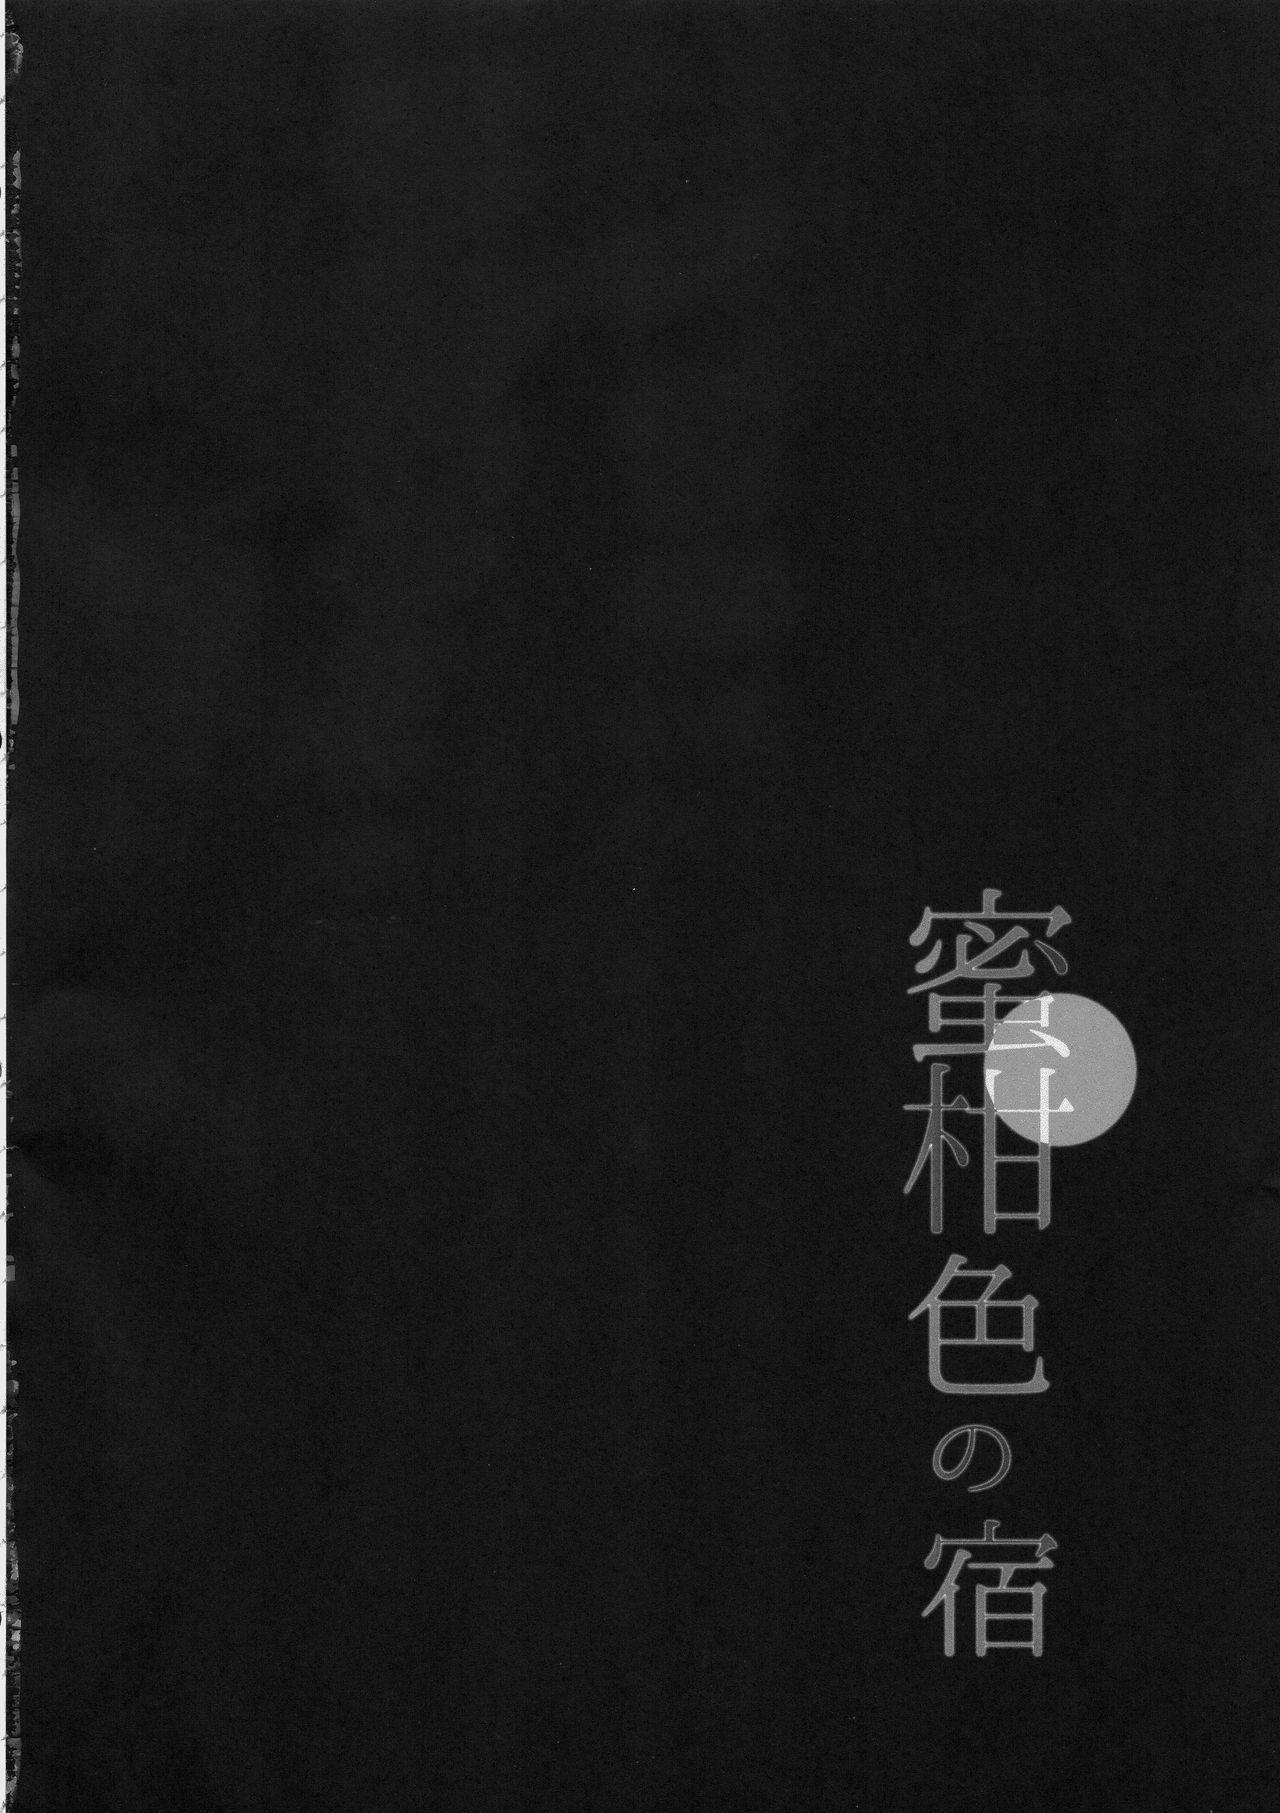 Mikaniro no Yado 2